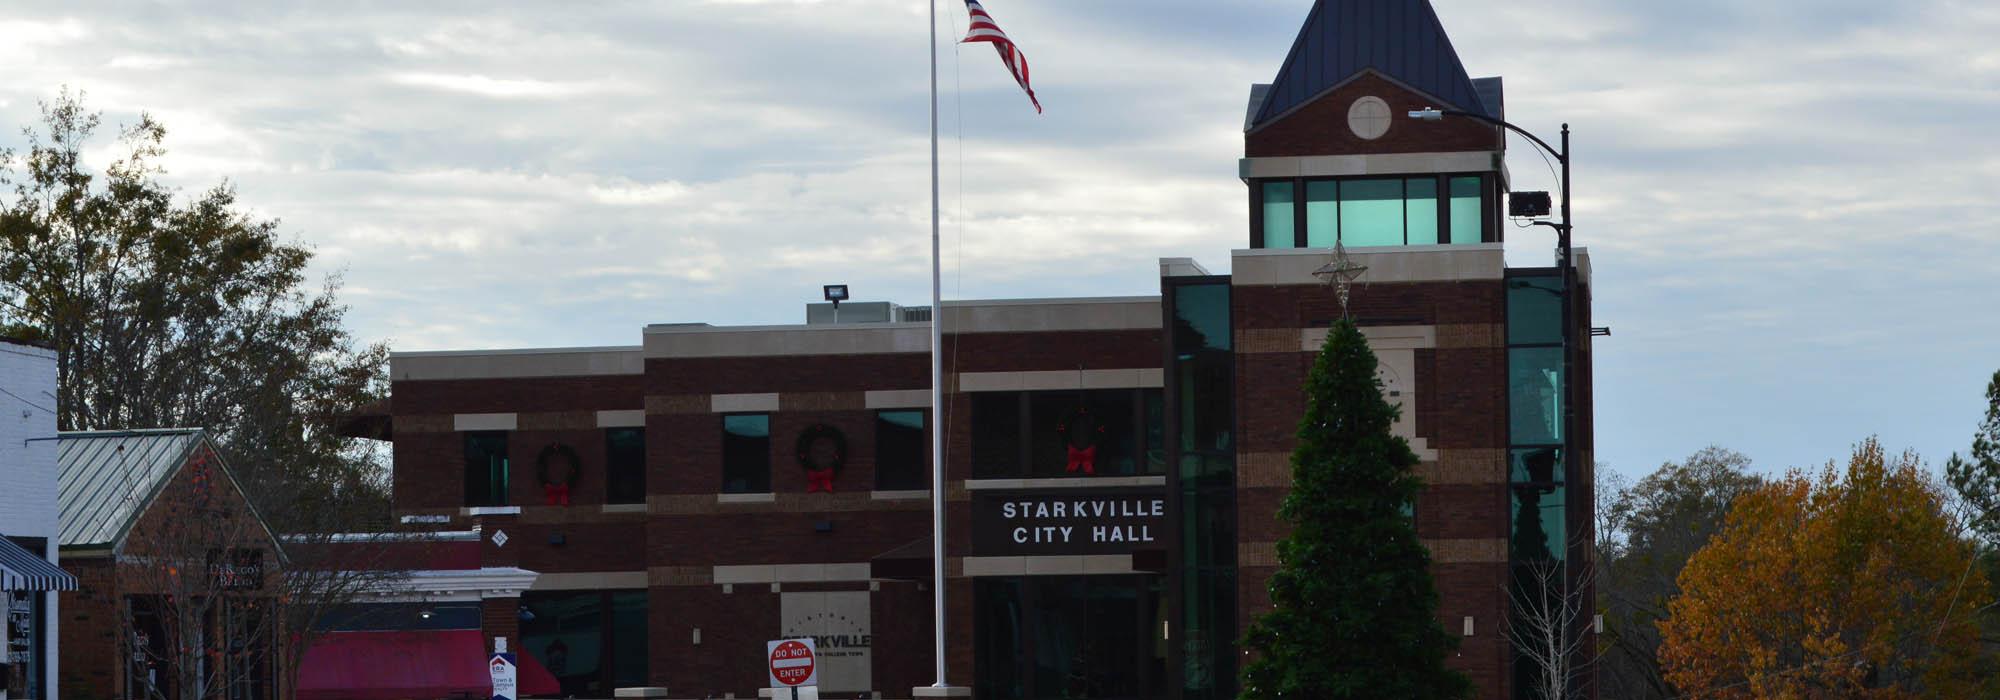 Starkville City Hall